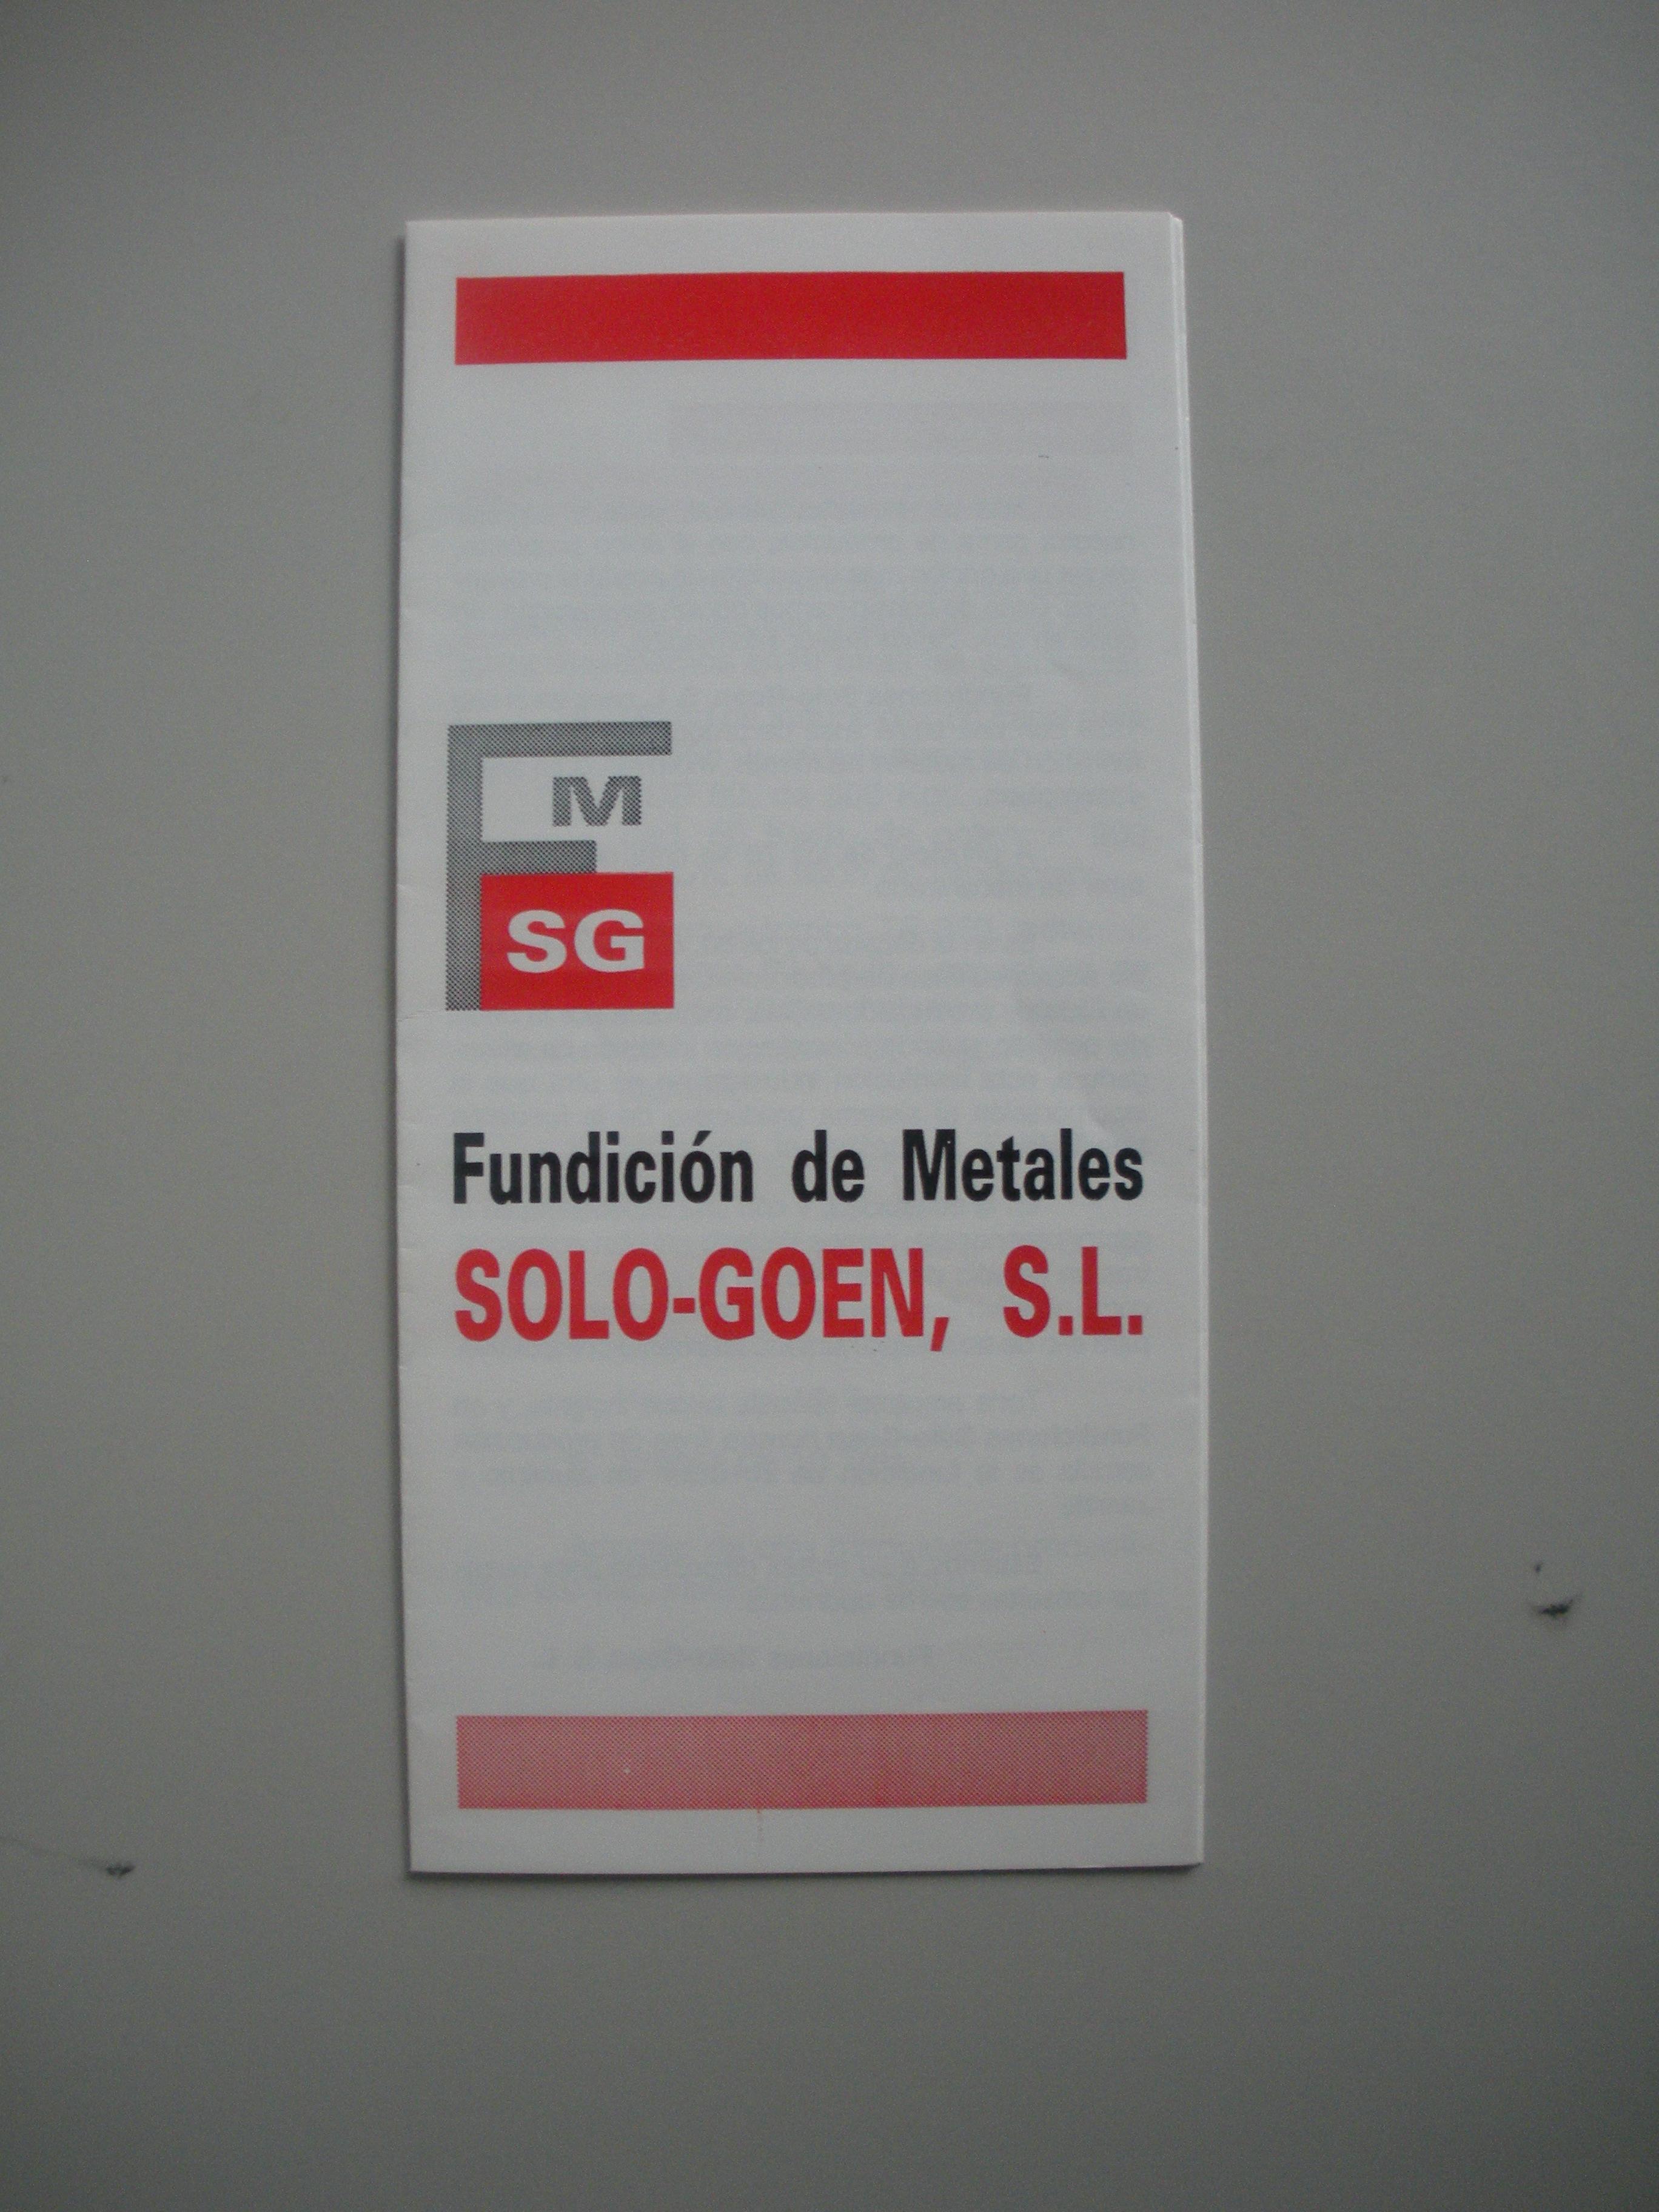 FOLLETO DE SOLO-GOEN, S.L.